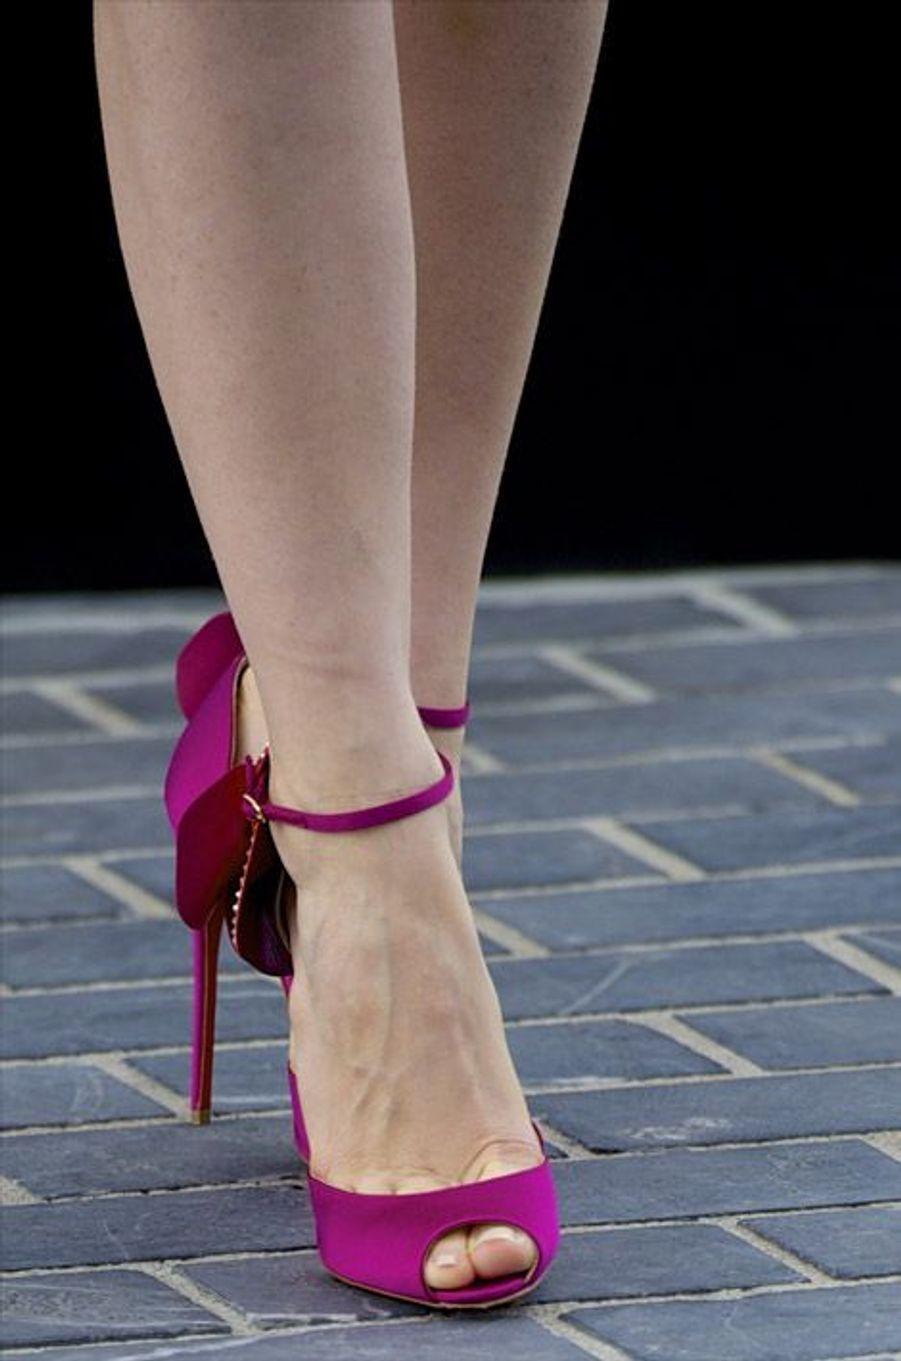 L'actrice Jessica Chastain en Christian Louboutin lors du festival du film de San Sebastian, le 23 septembre 2014